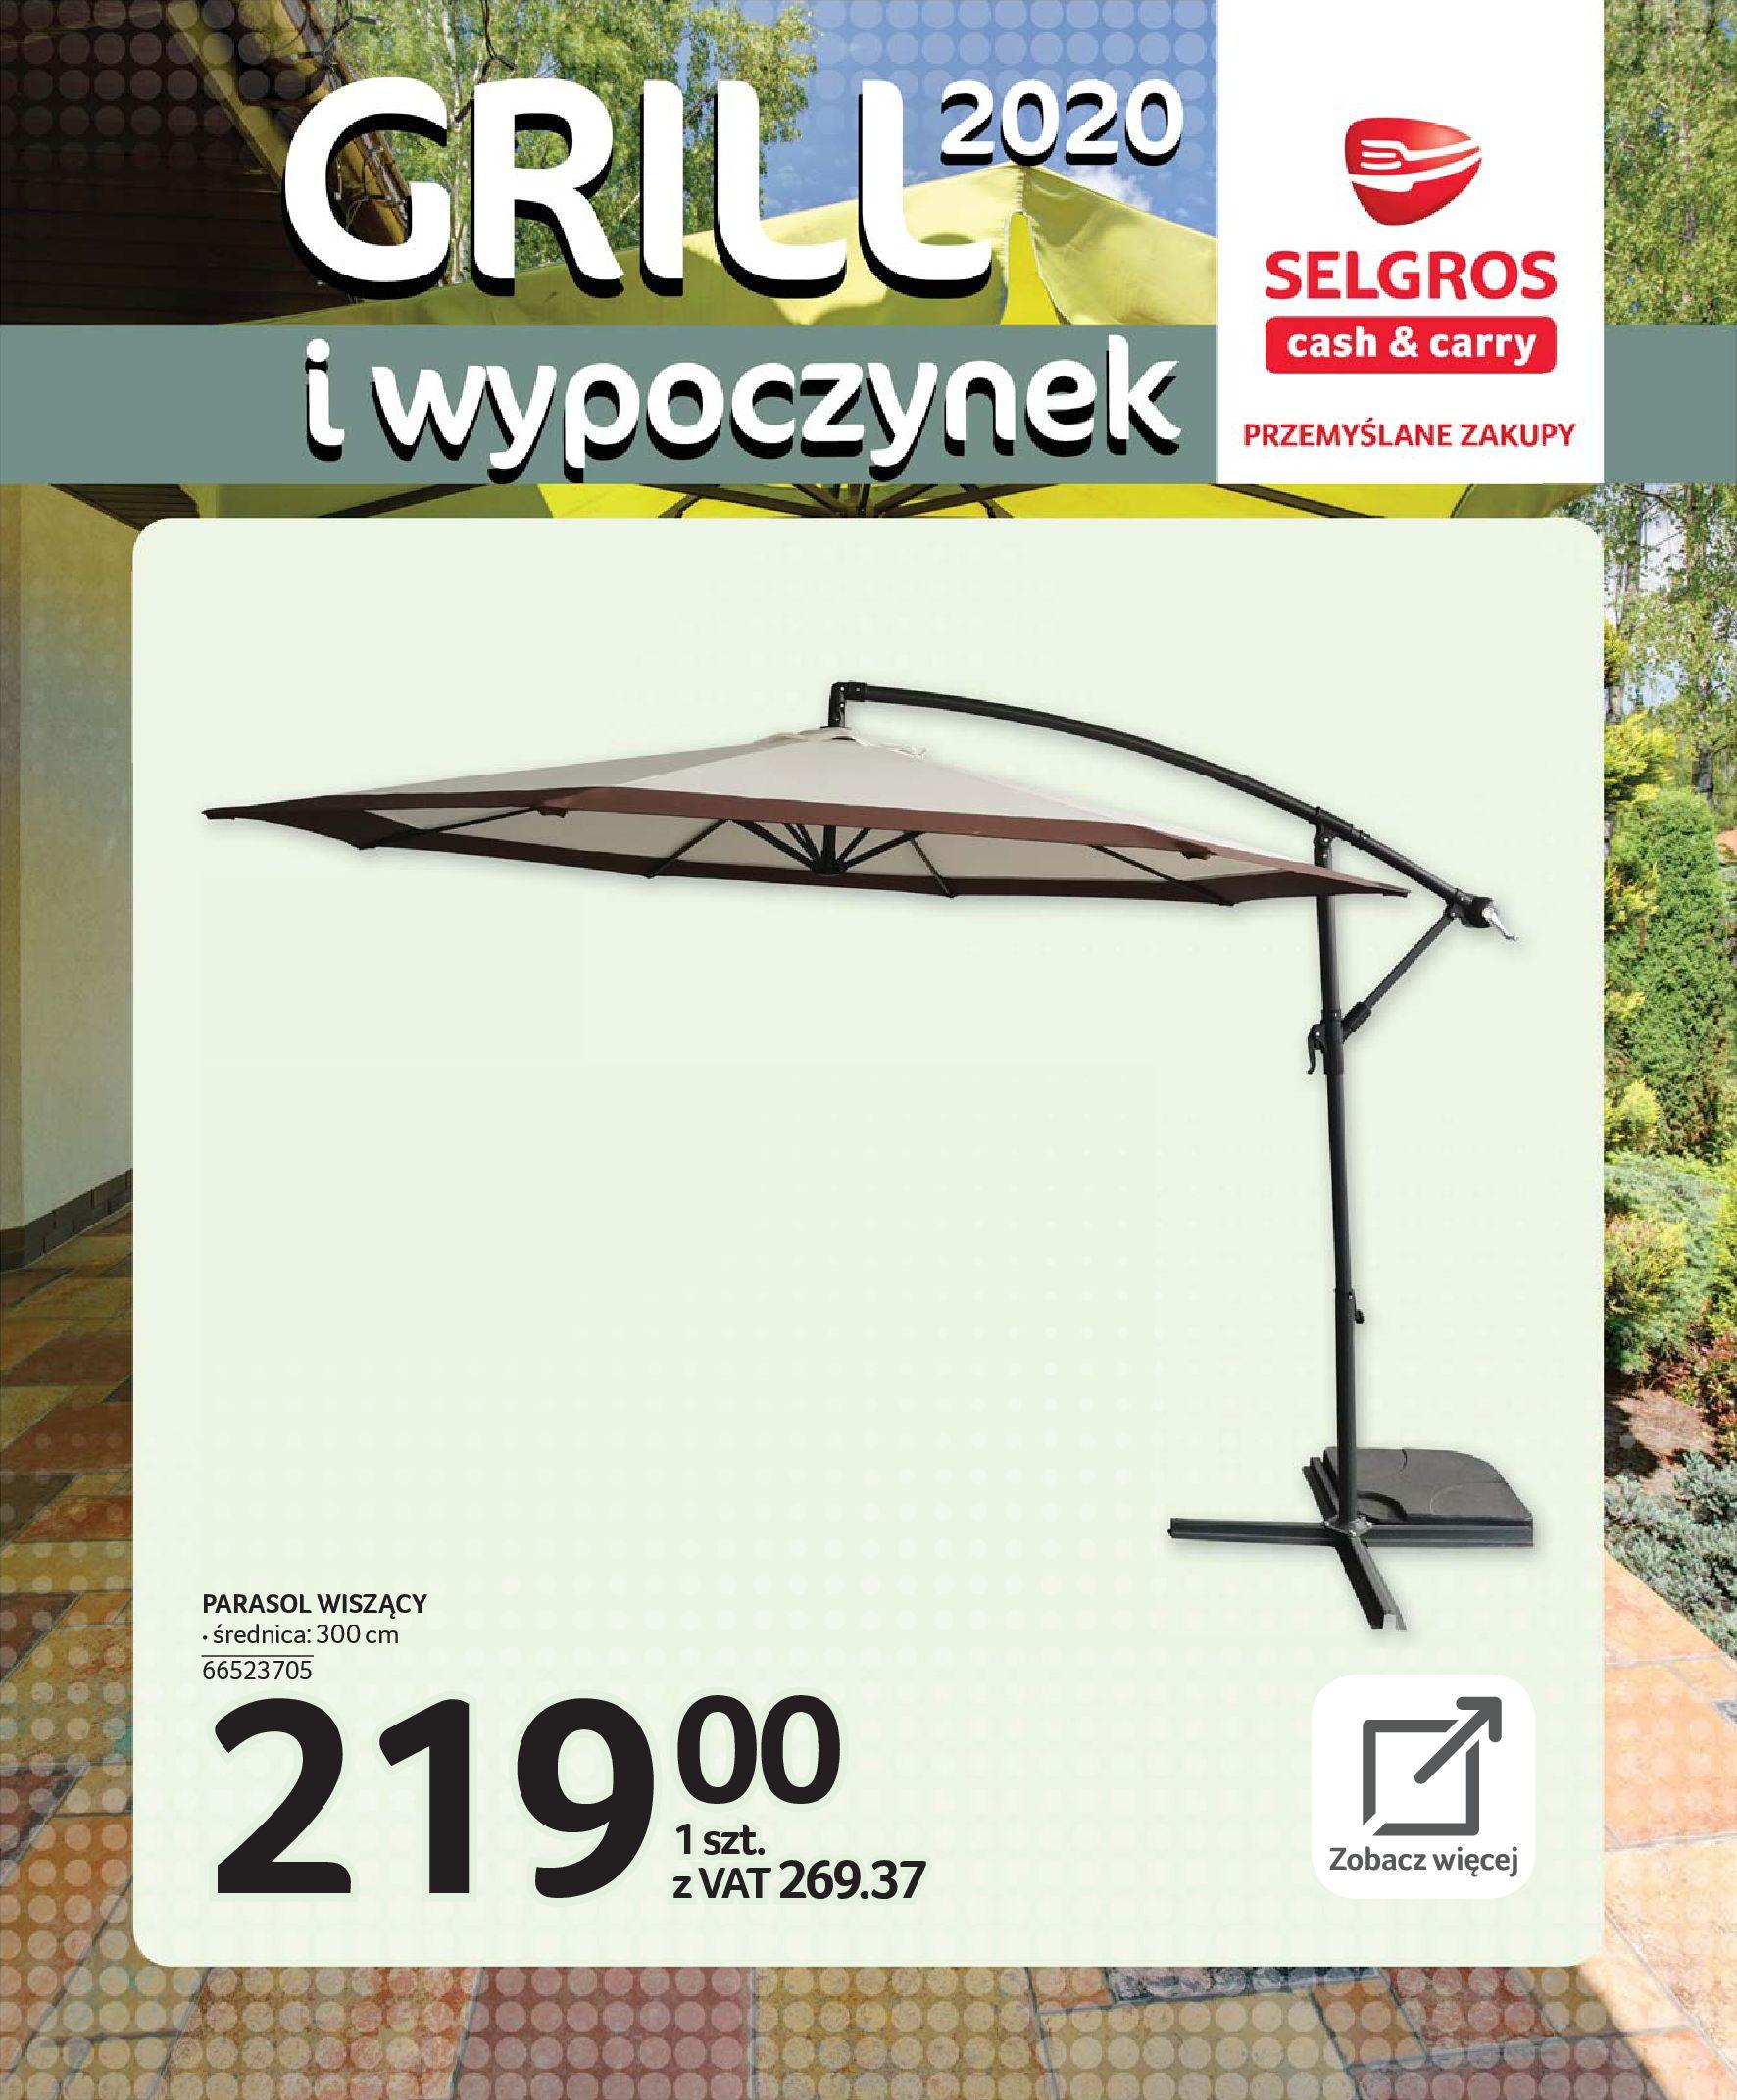 Gazetka Selgros - Katalog - Grill i wypoczynek-31.03.2020-31.08.2020-page-33